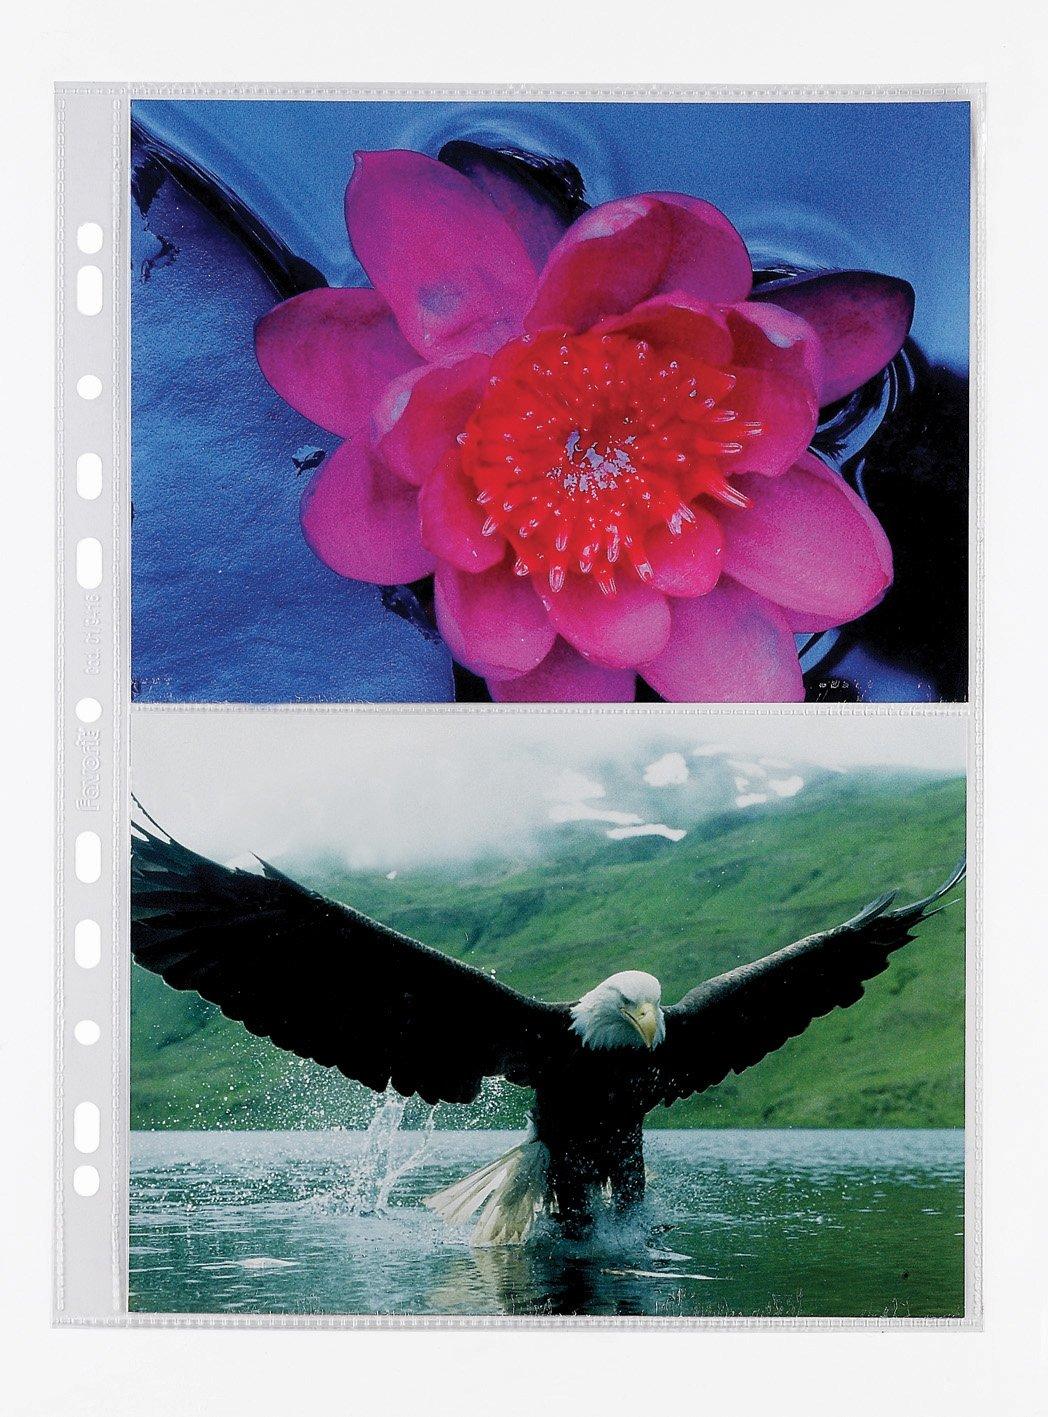 Favorit 100460152 Busta a Foratura Porta Fotografie con 2 Tasche Formato 21X15 cm, Confezione da 10 Pz. Hamelin Brands 949546